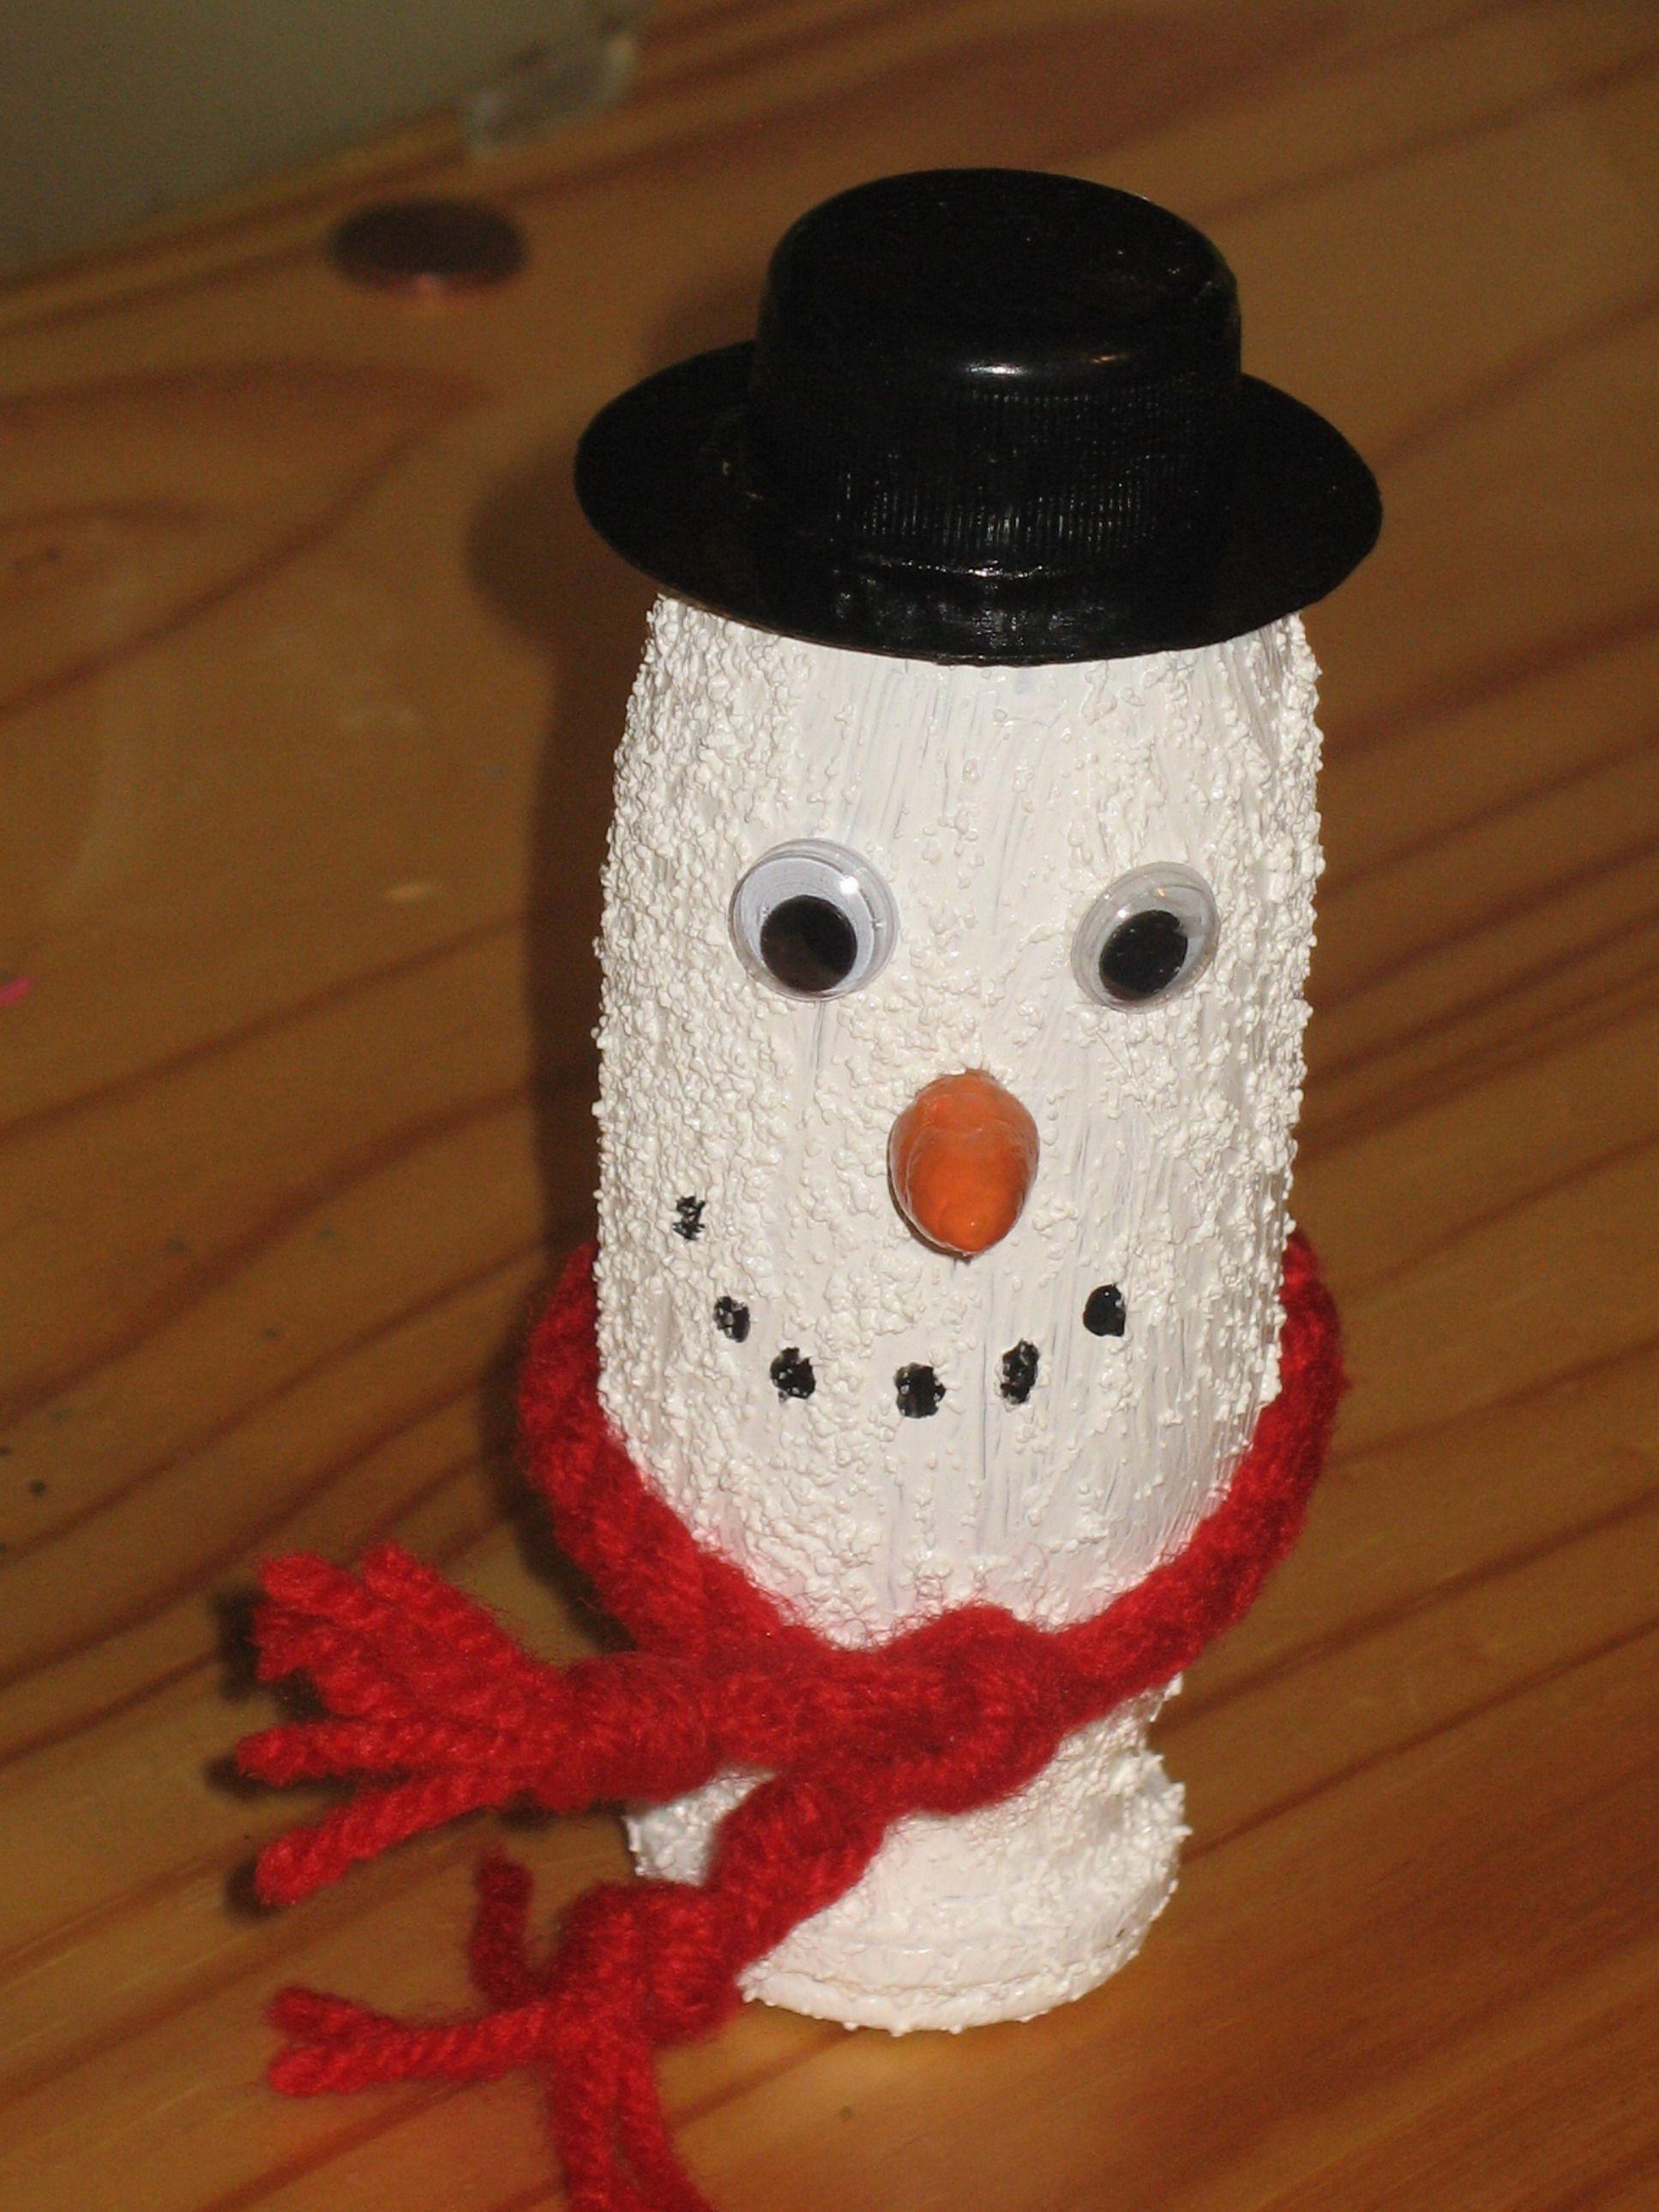 #AB2C20 Farandole De Loisirs Page 2 6333 décoration noel a fabriquer bonhomme de neige 1935x2580 px @ aertt.com